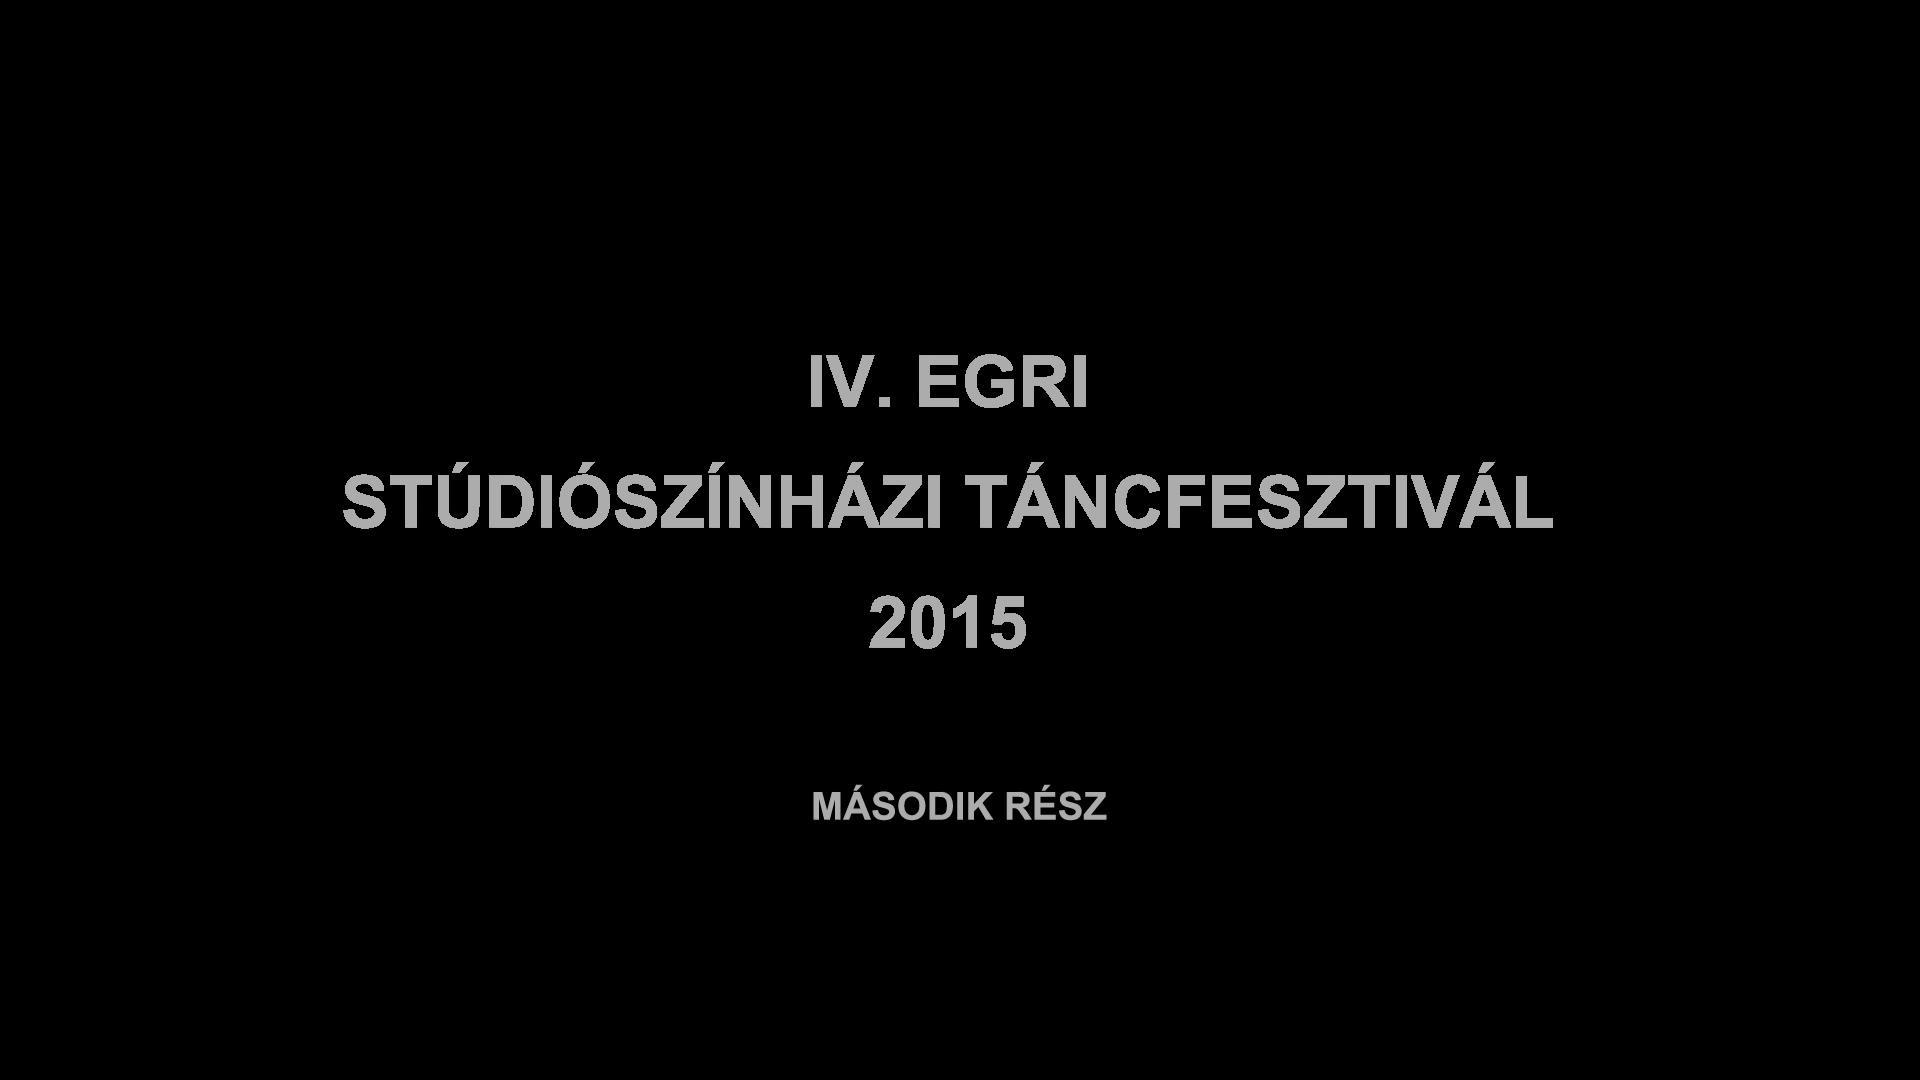 IV. Egri Stúdiószínházi Táncfesztivál – 2. rész